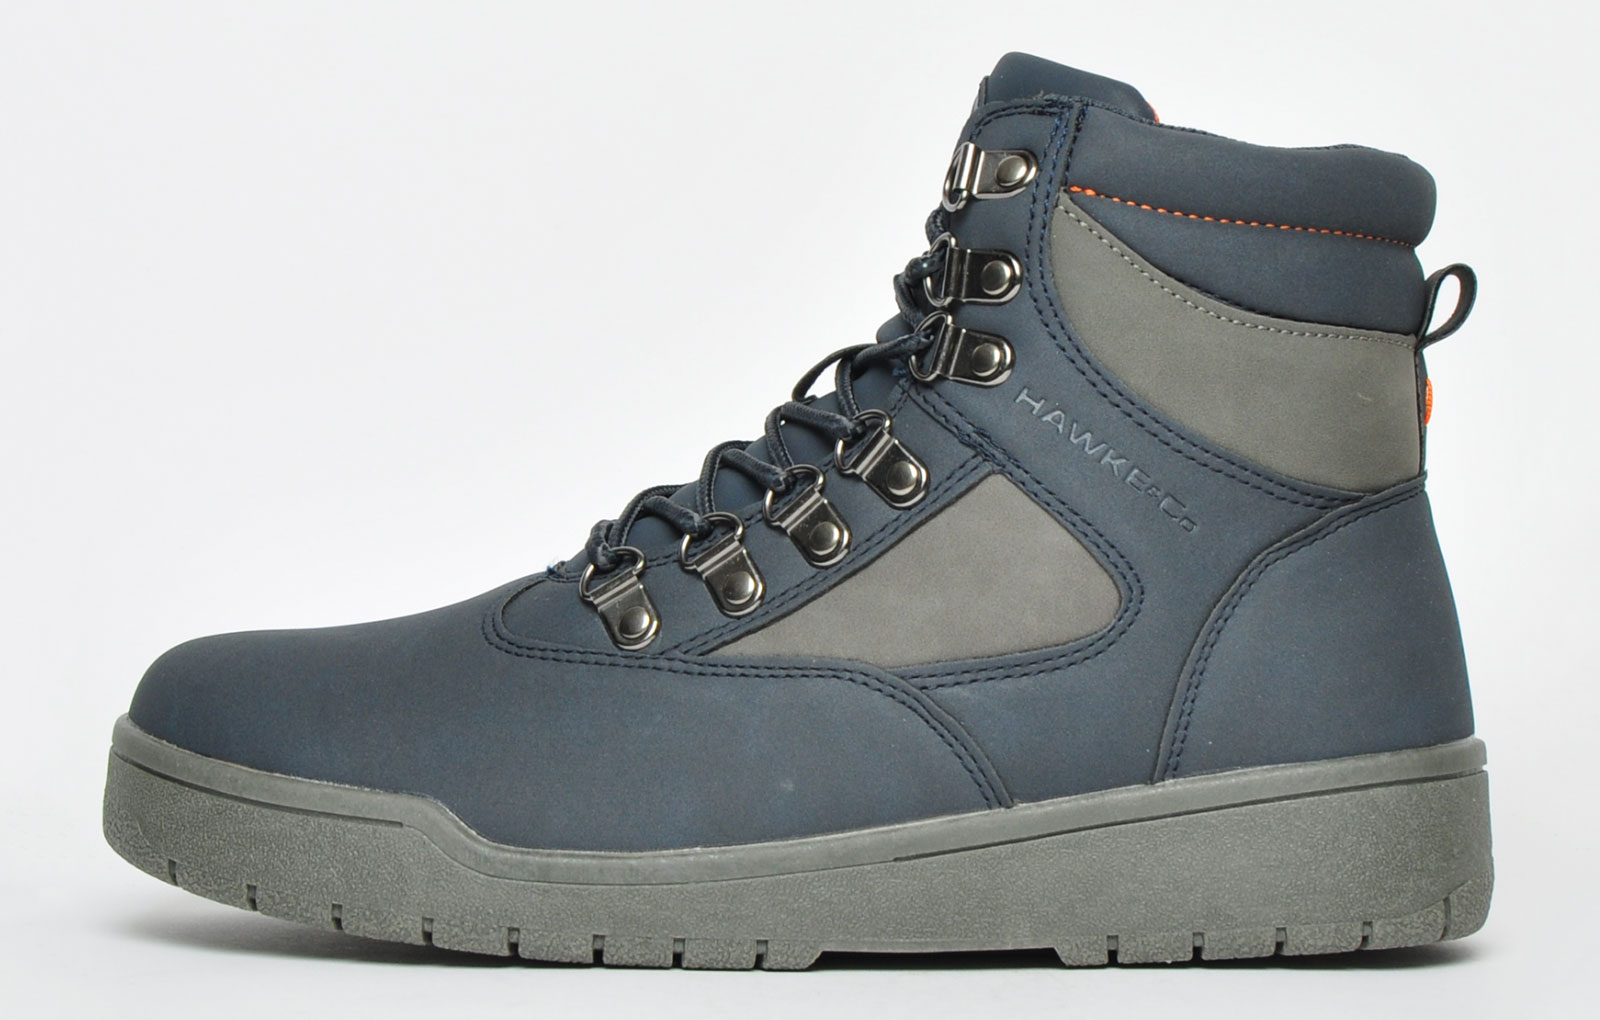 Hawke \u0026 Co Sierra MEMORY FOAM Boots Mens -